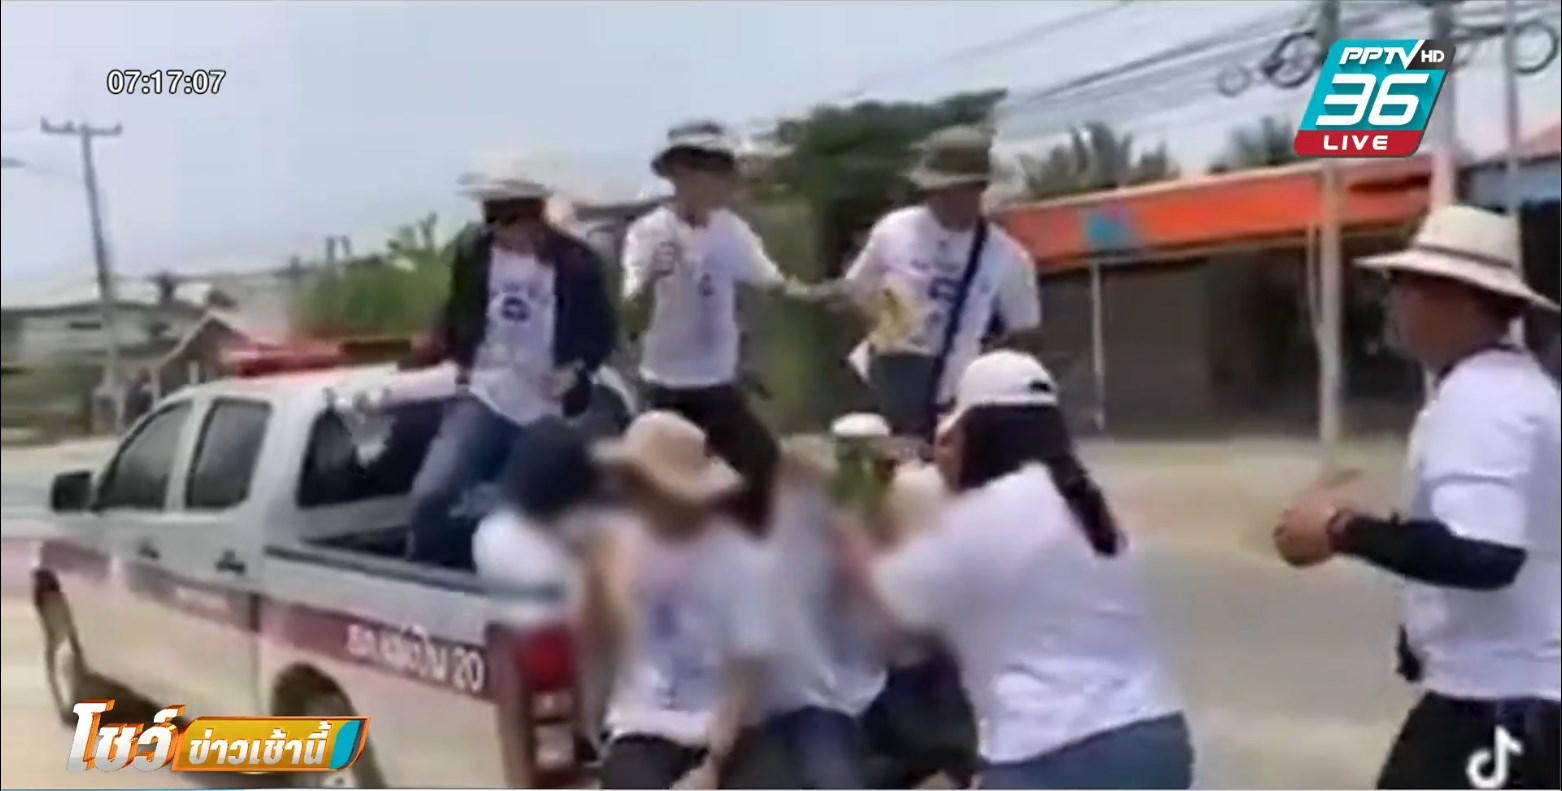 ตร.แจงคลิป วัยรุ่นดื่มเหล้า-เต้นบนรถสายตรวจ